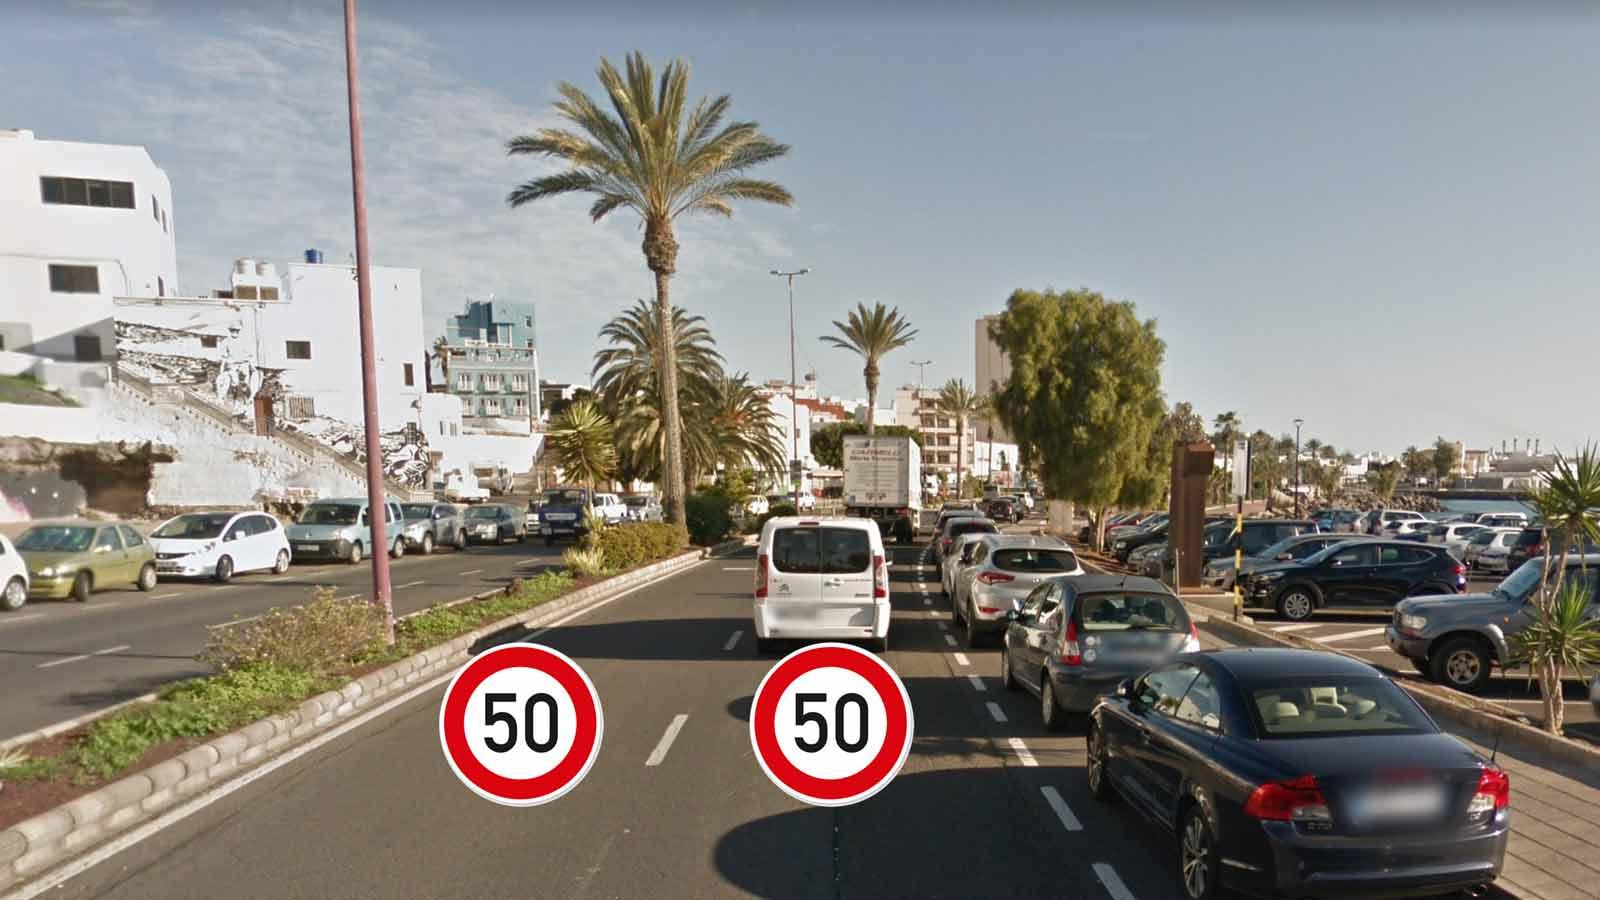 Tempolimit-innerorts-Spanien-50-50